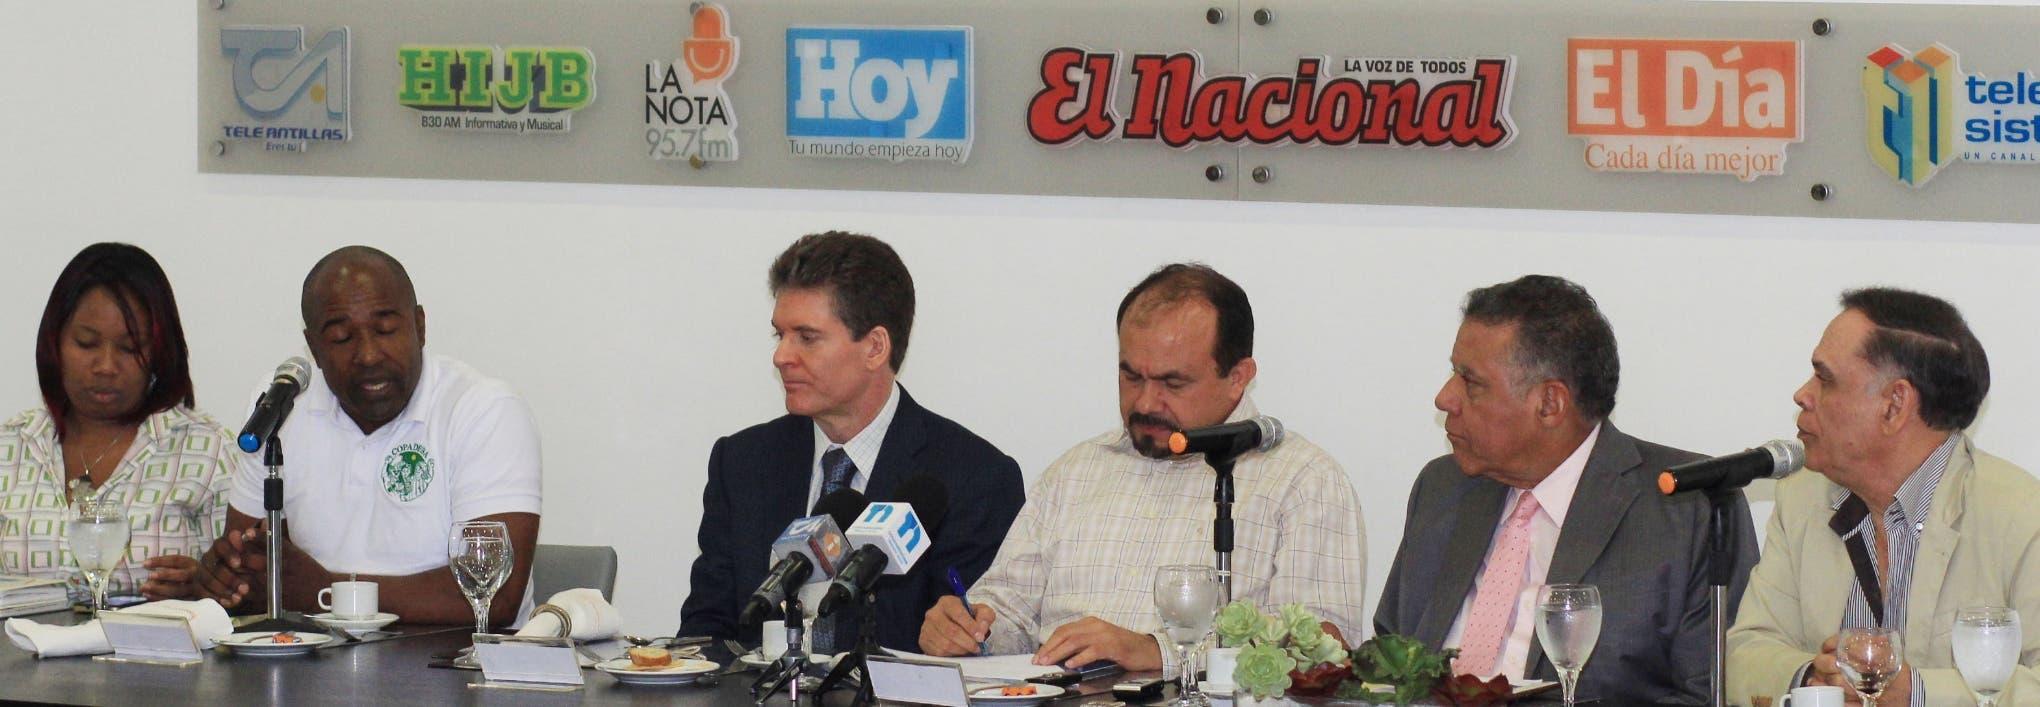 Juleisy de la Rosa, Marcelino Moya, José Alfredo Corripio, Román Batista, Juan Bolívar Díaz y Cristóbal Valdez durante el Almuerzo Semanal del Grupo Corripio.